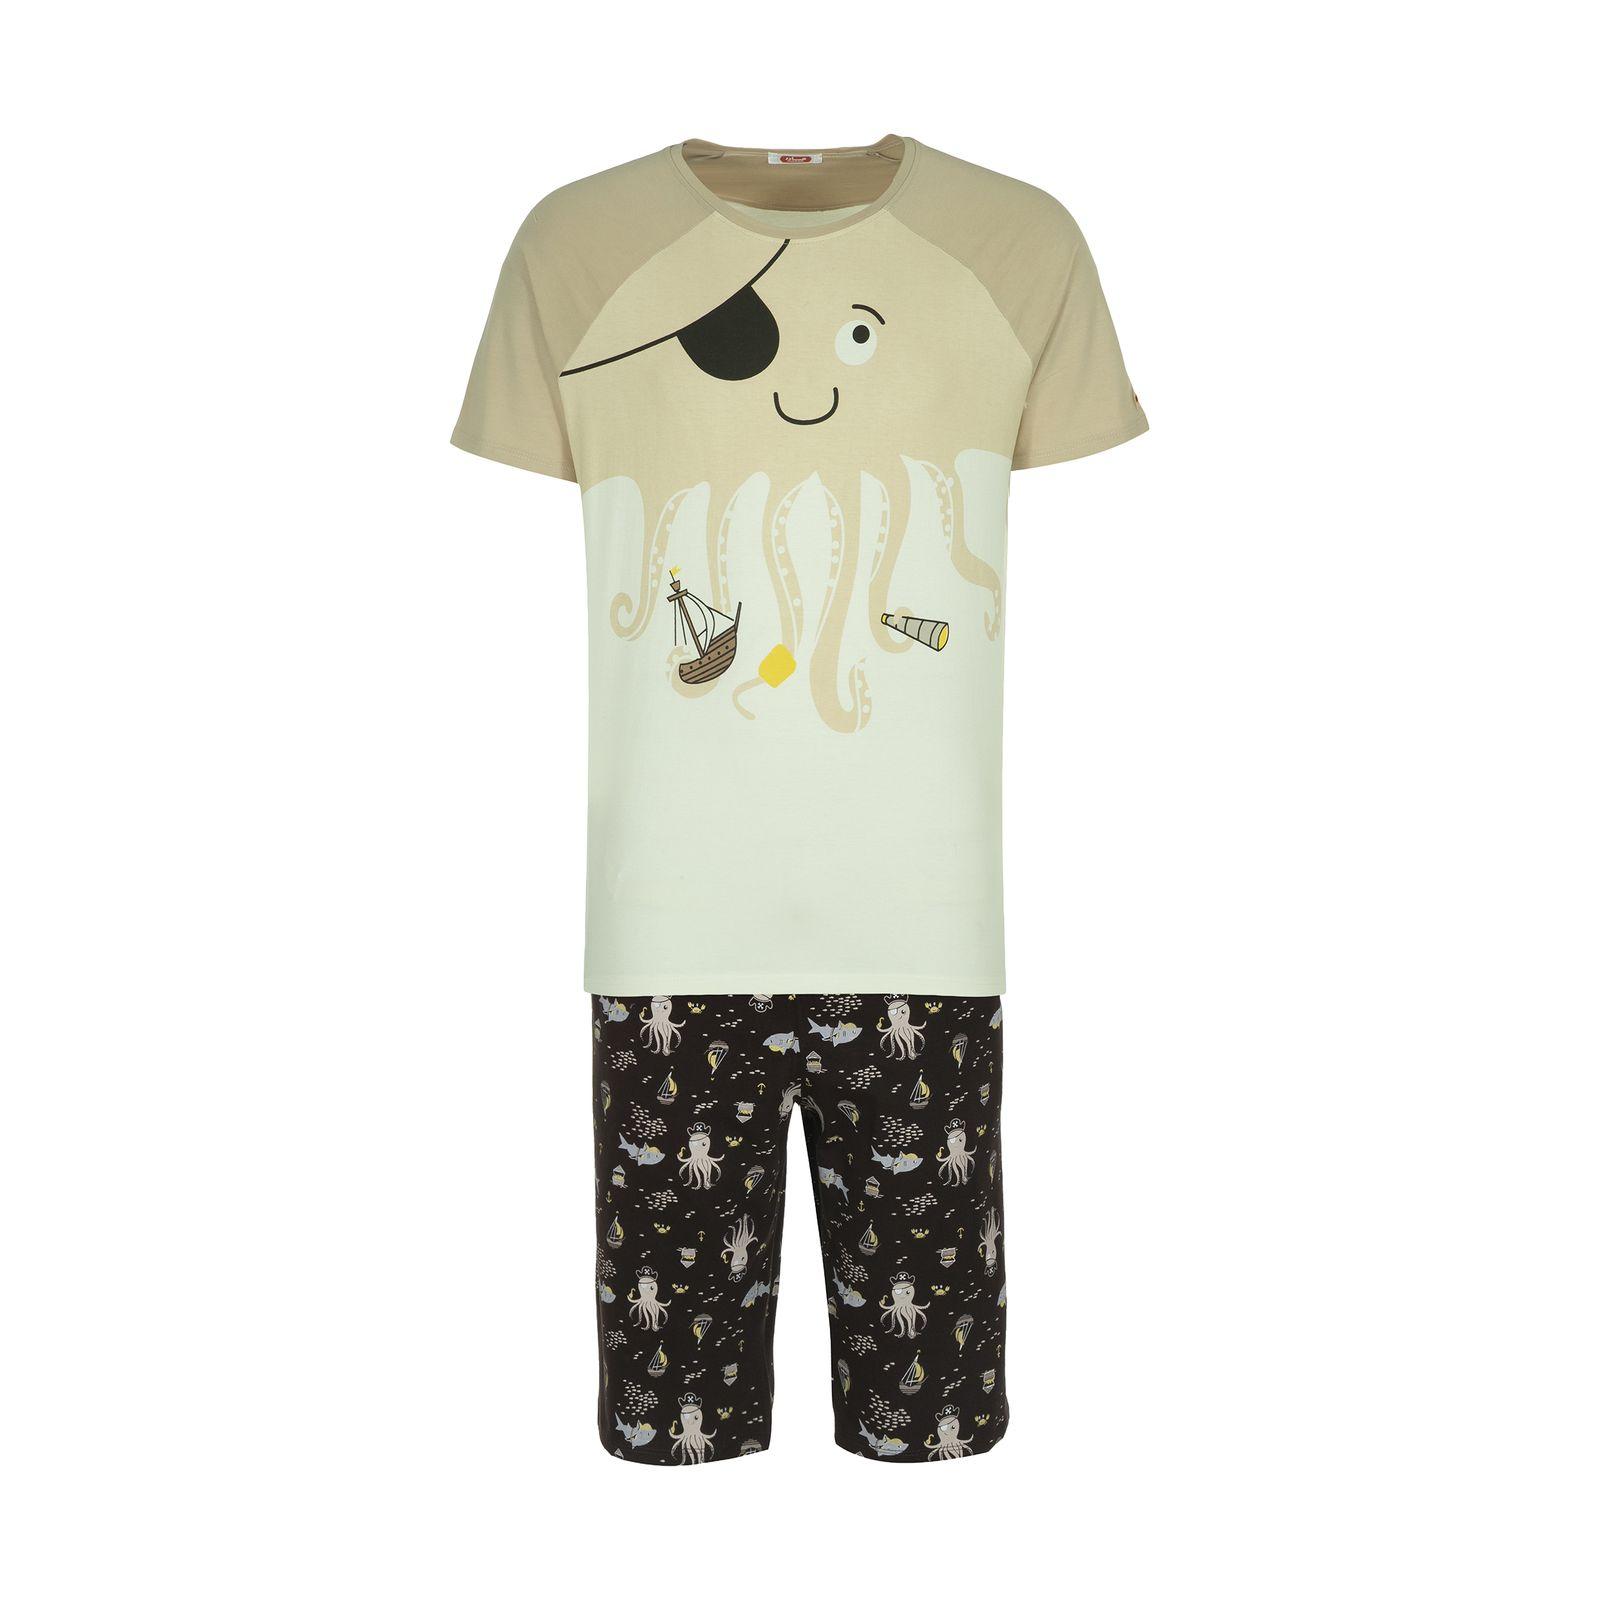 ست تی شرت و شلوارک راحتی مردانه مادر مدل 2041107-07 -  - 2